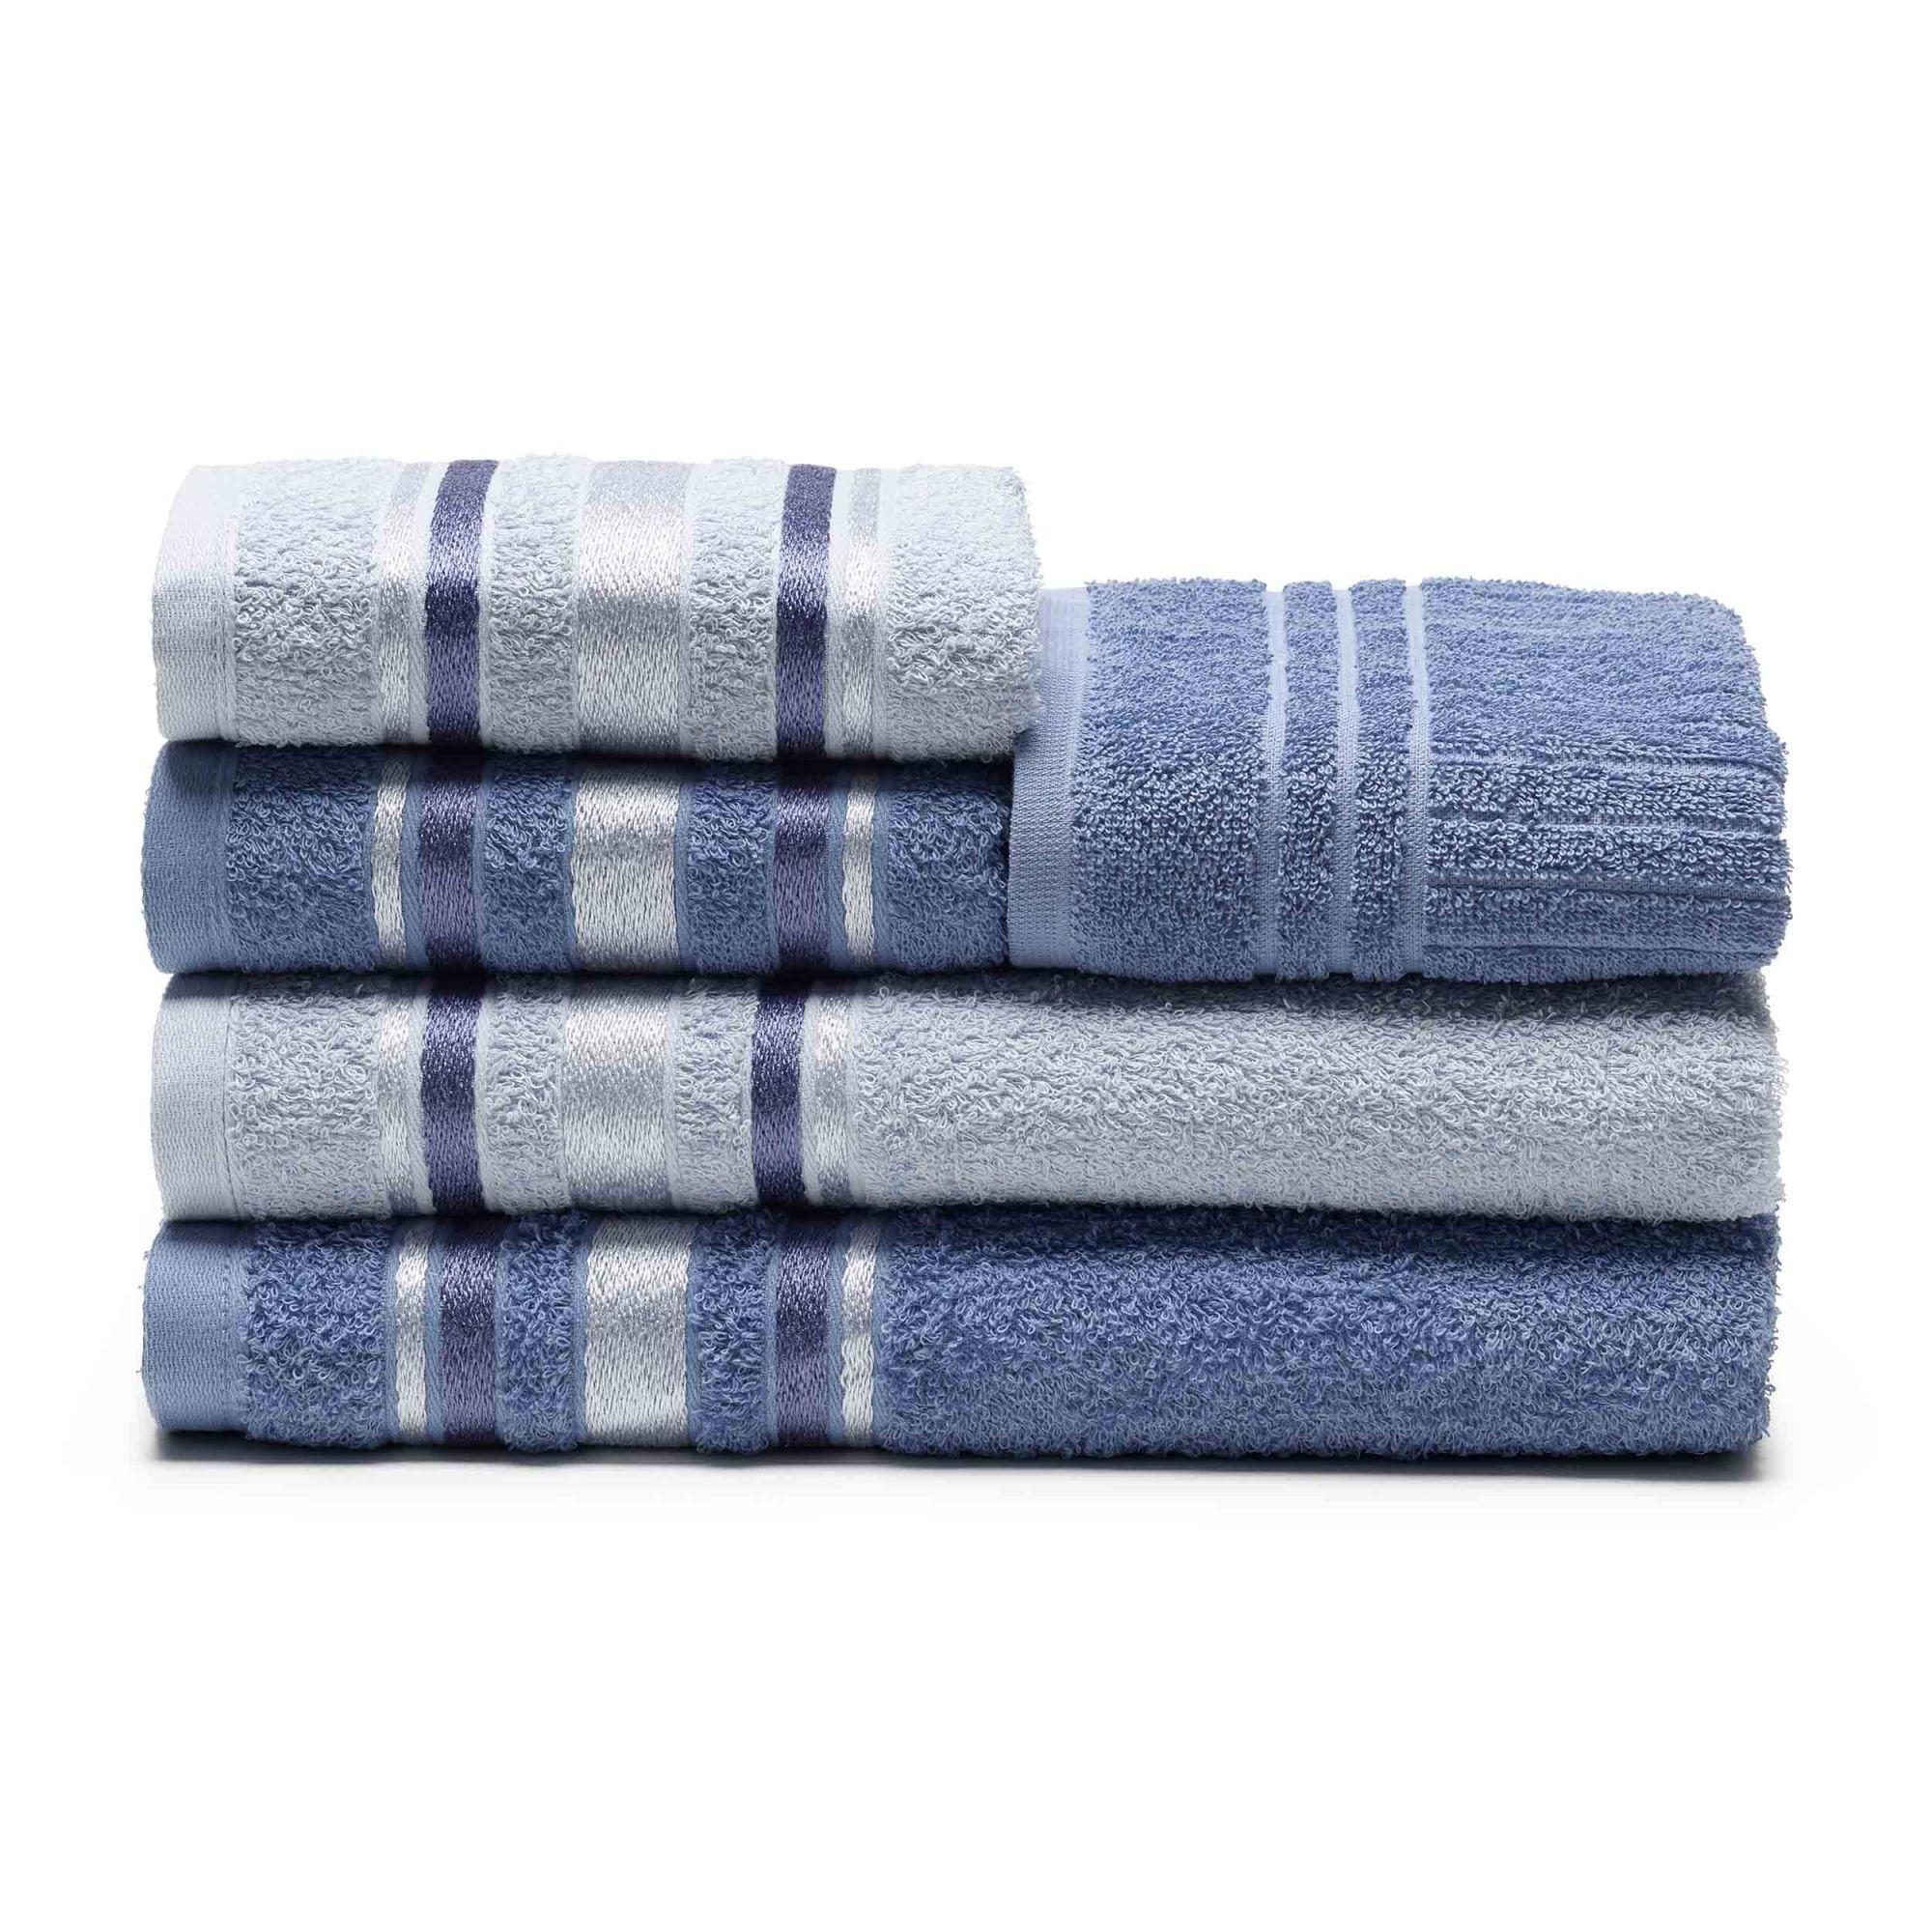 Jogo de banho azul serena indigo 5 peças 100% algodao santista